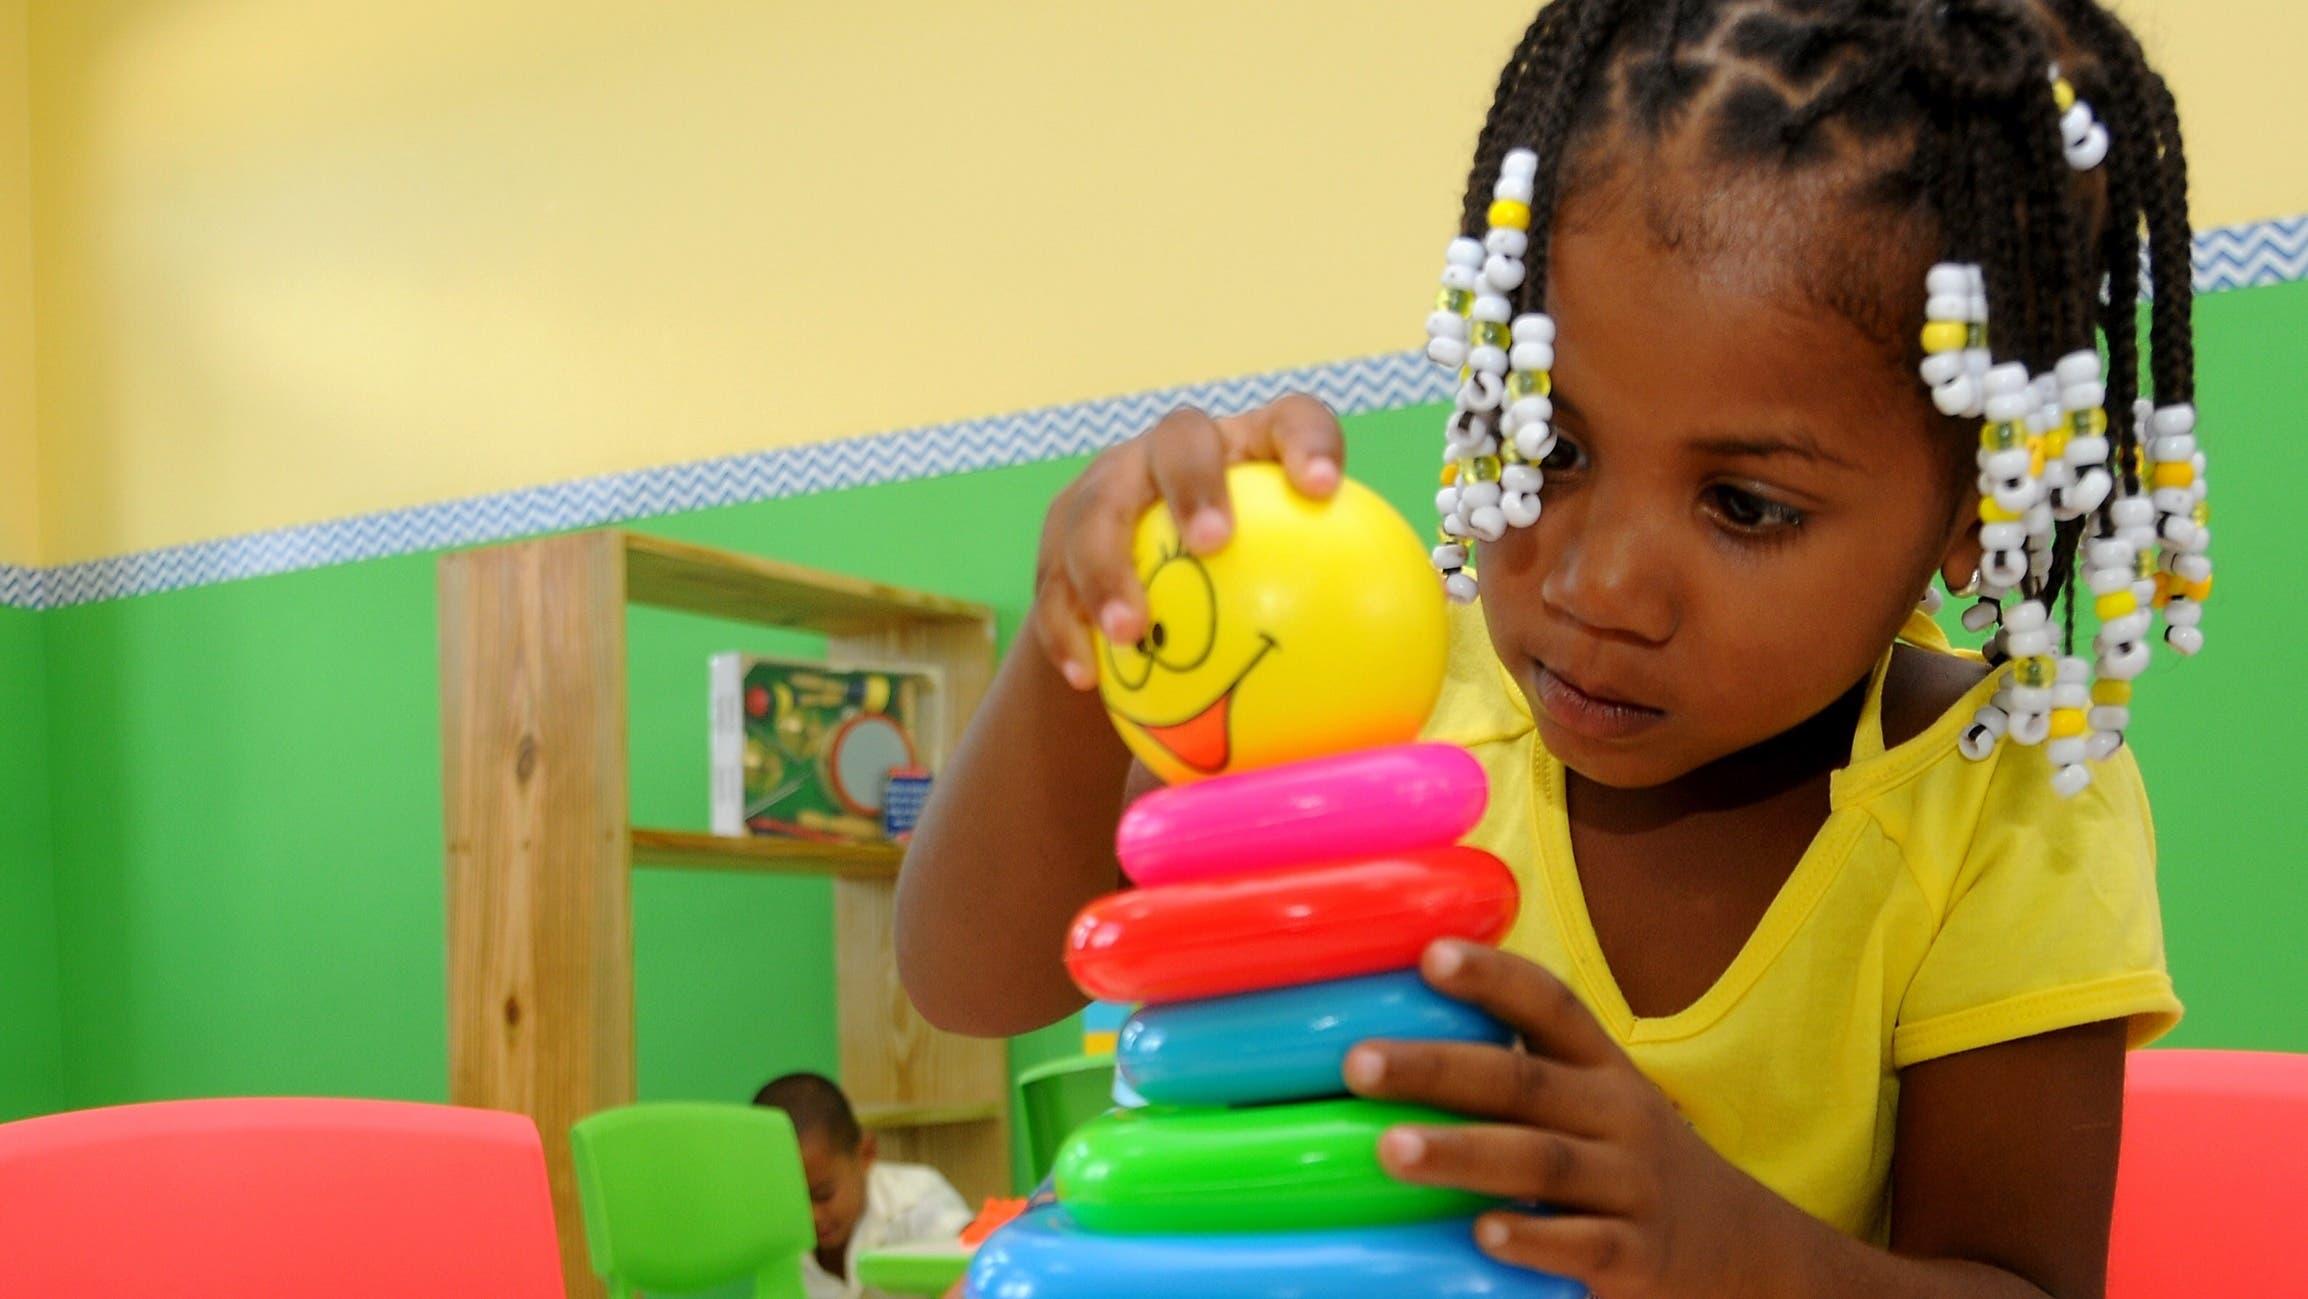 Es muy importante que los objetos sean de materiales no tóxicos, lavables y de tacto agradable.